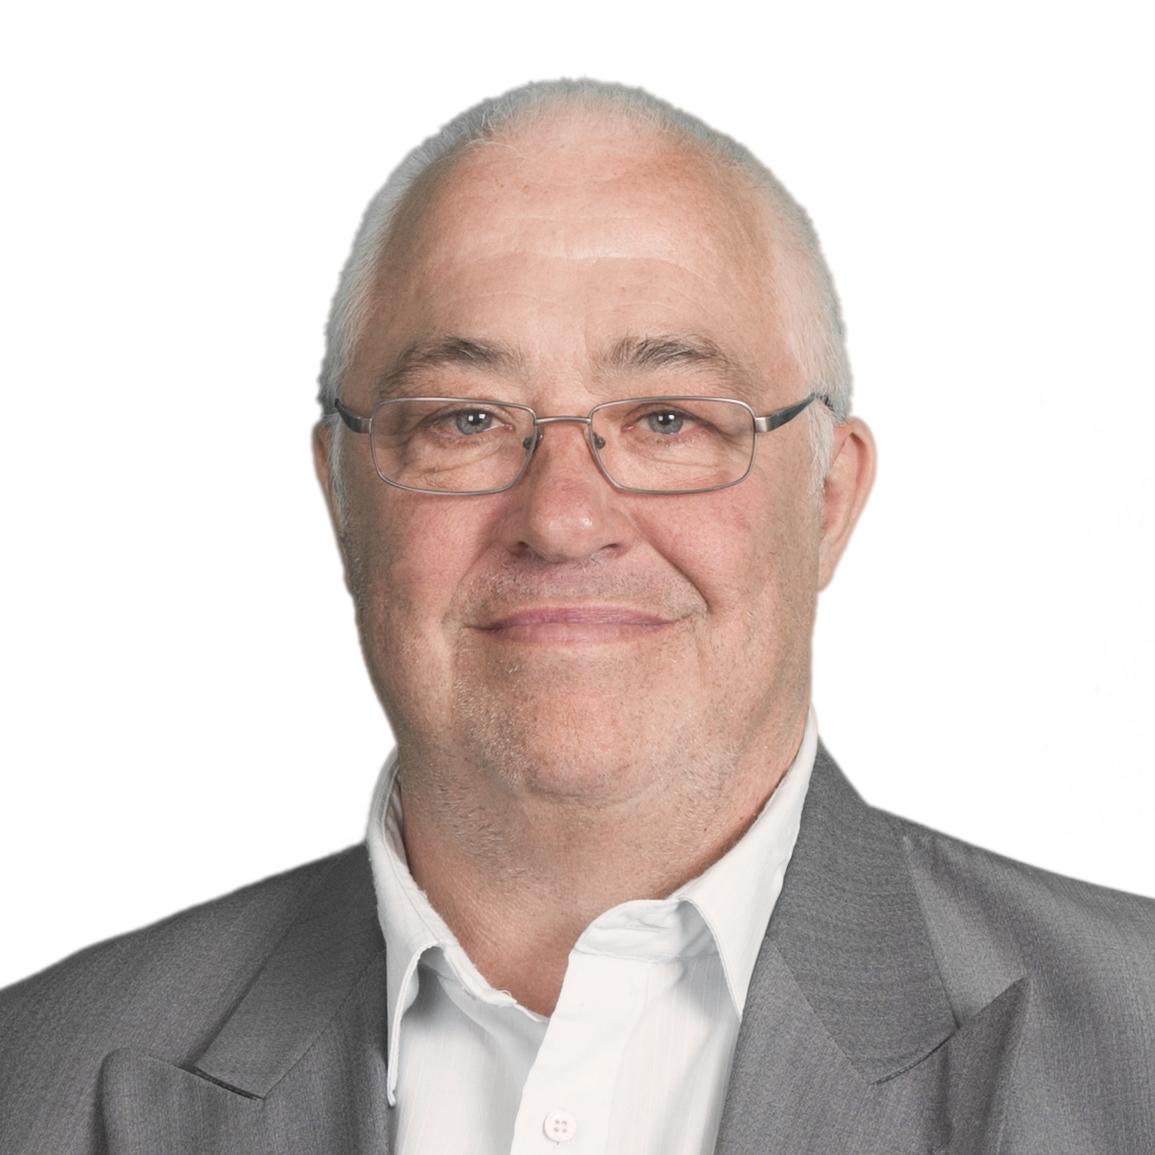 TEAM Michel C